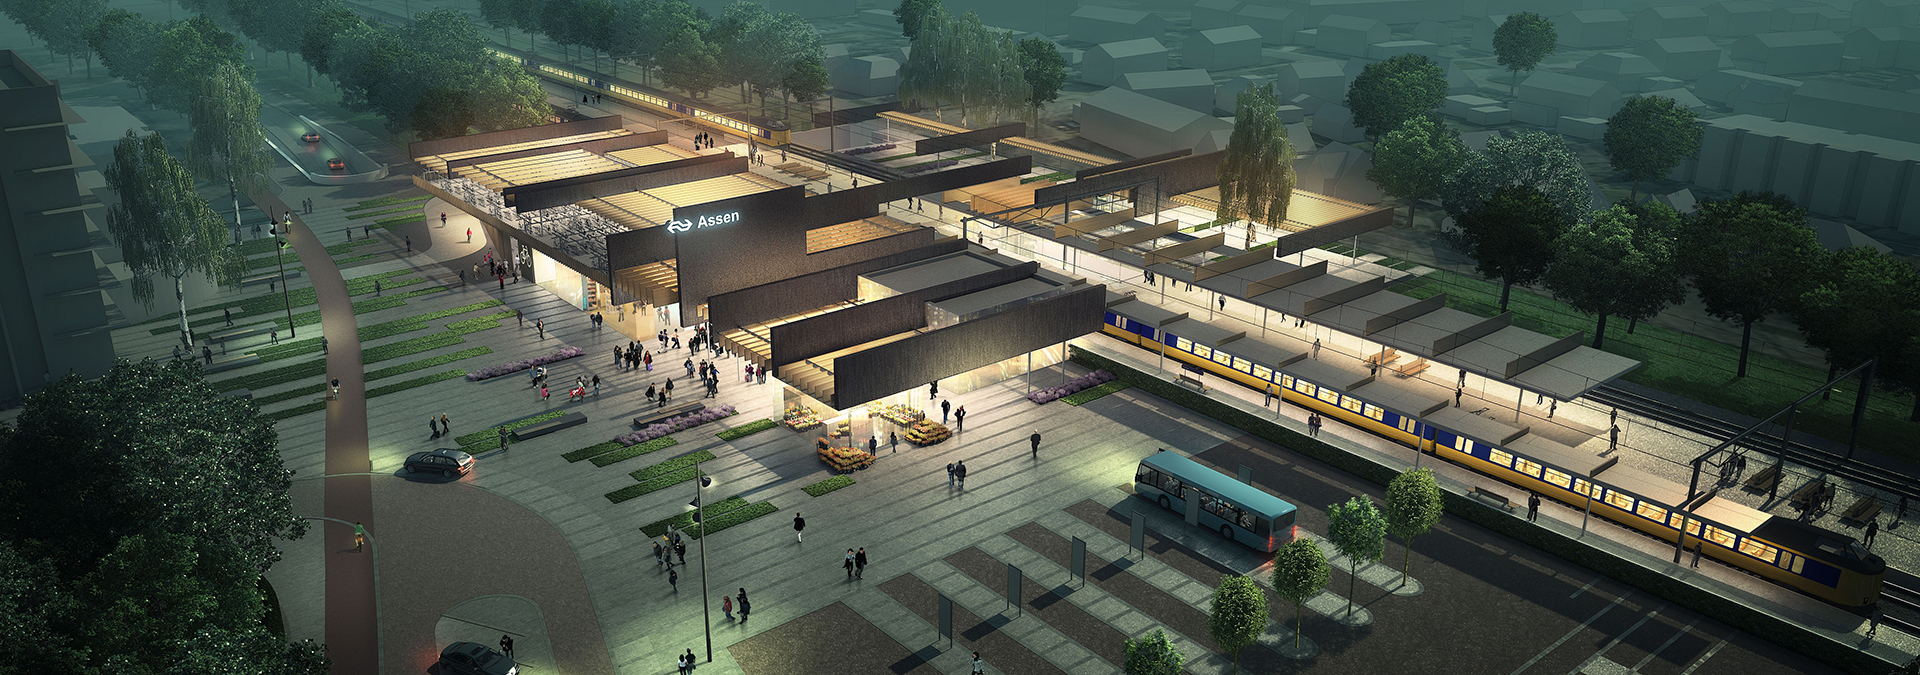 Assen Stationsgebied